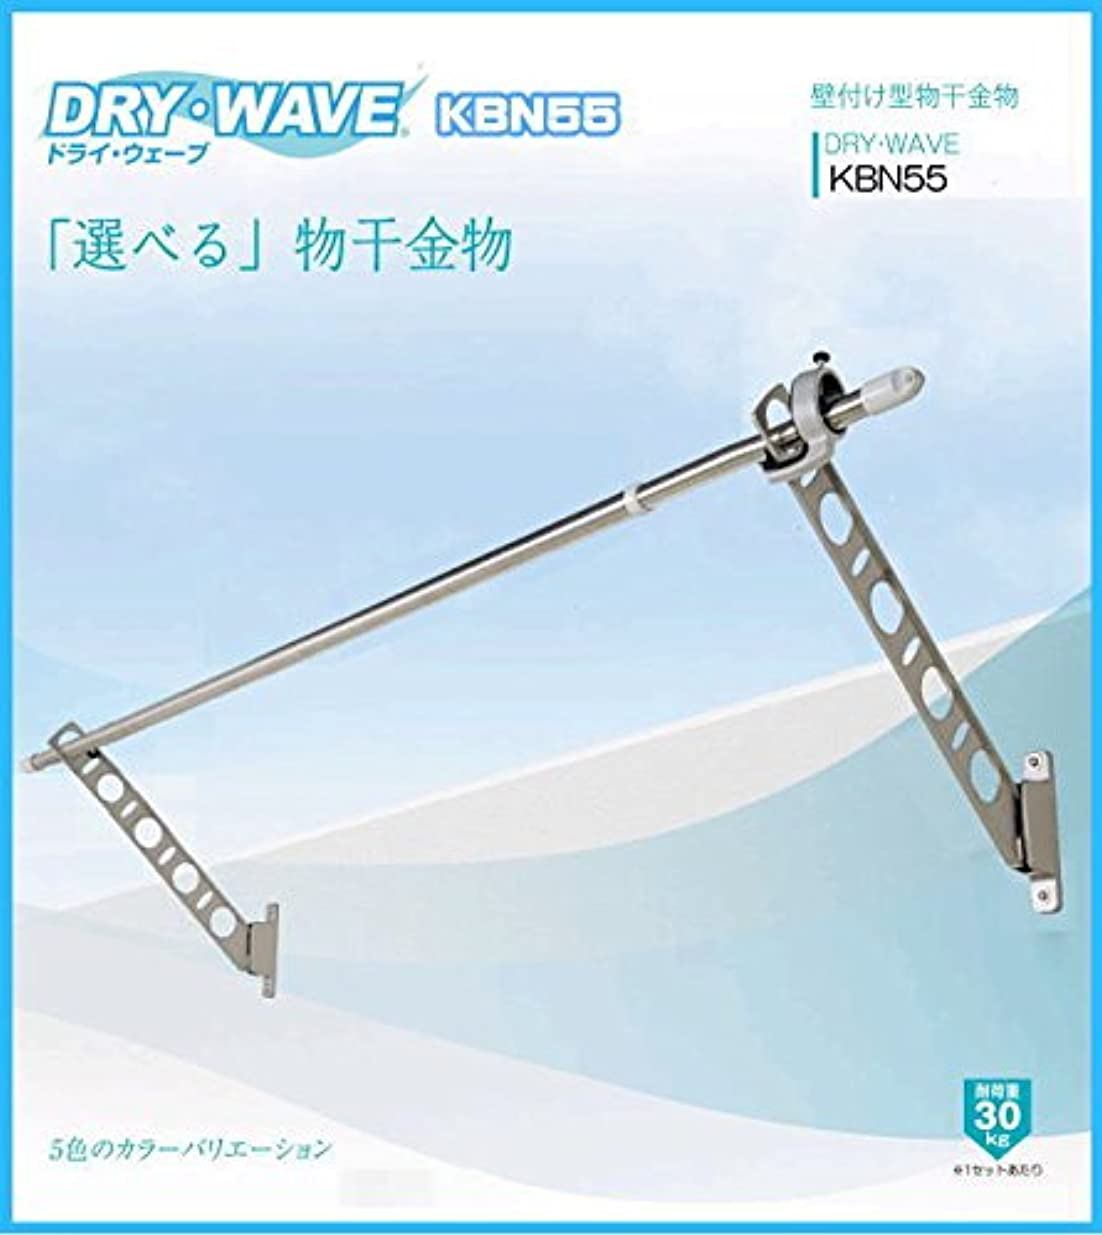 メジャープラットフォーム端タカラ産業 DRY?WAVE 腰壁用物干金物 KBN55 ダークブロンズ -